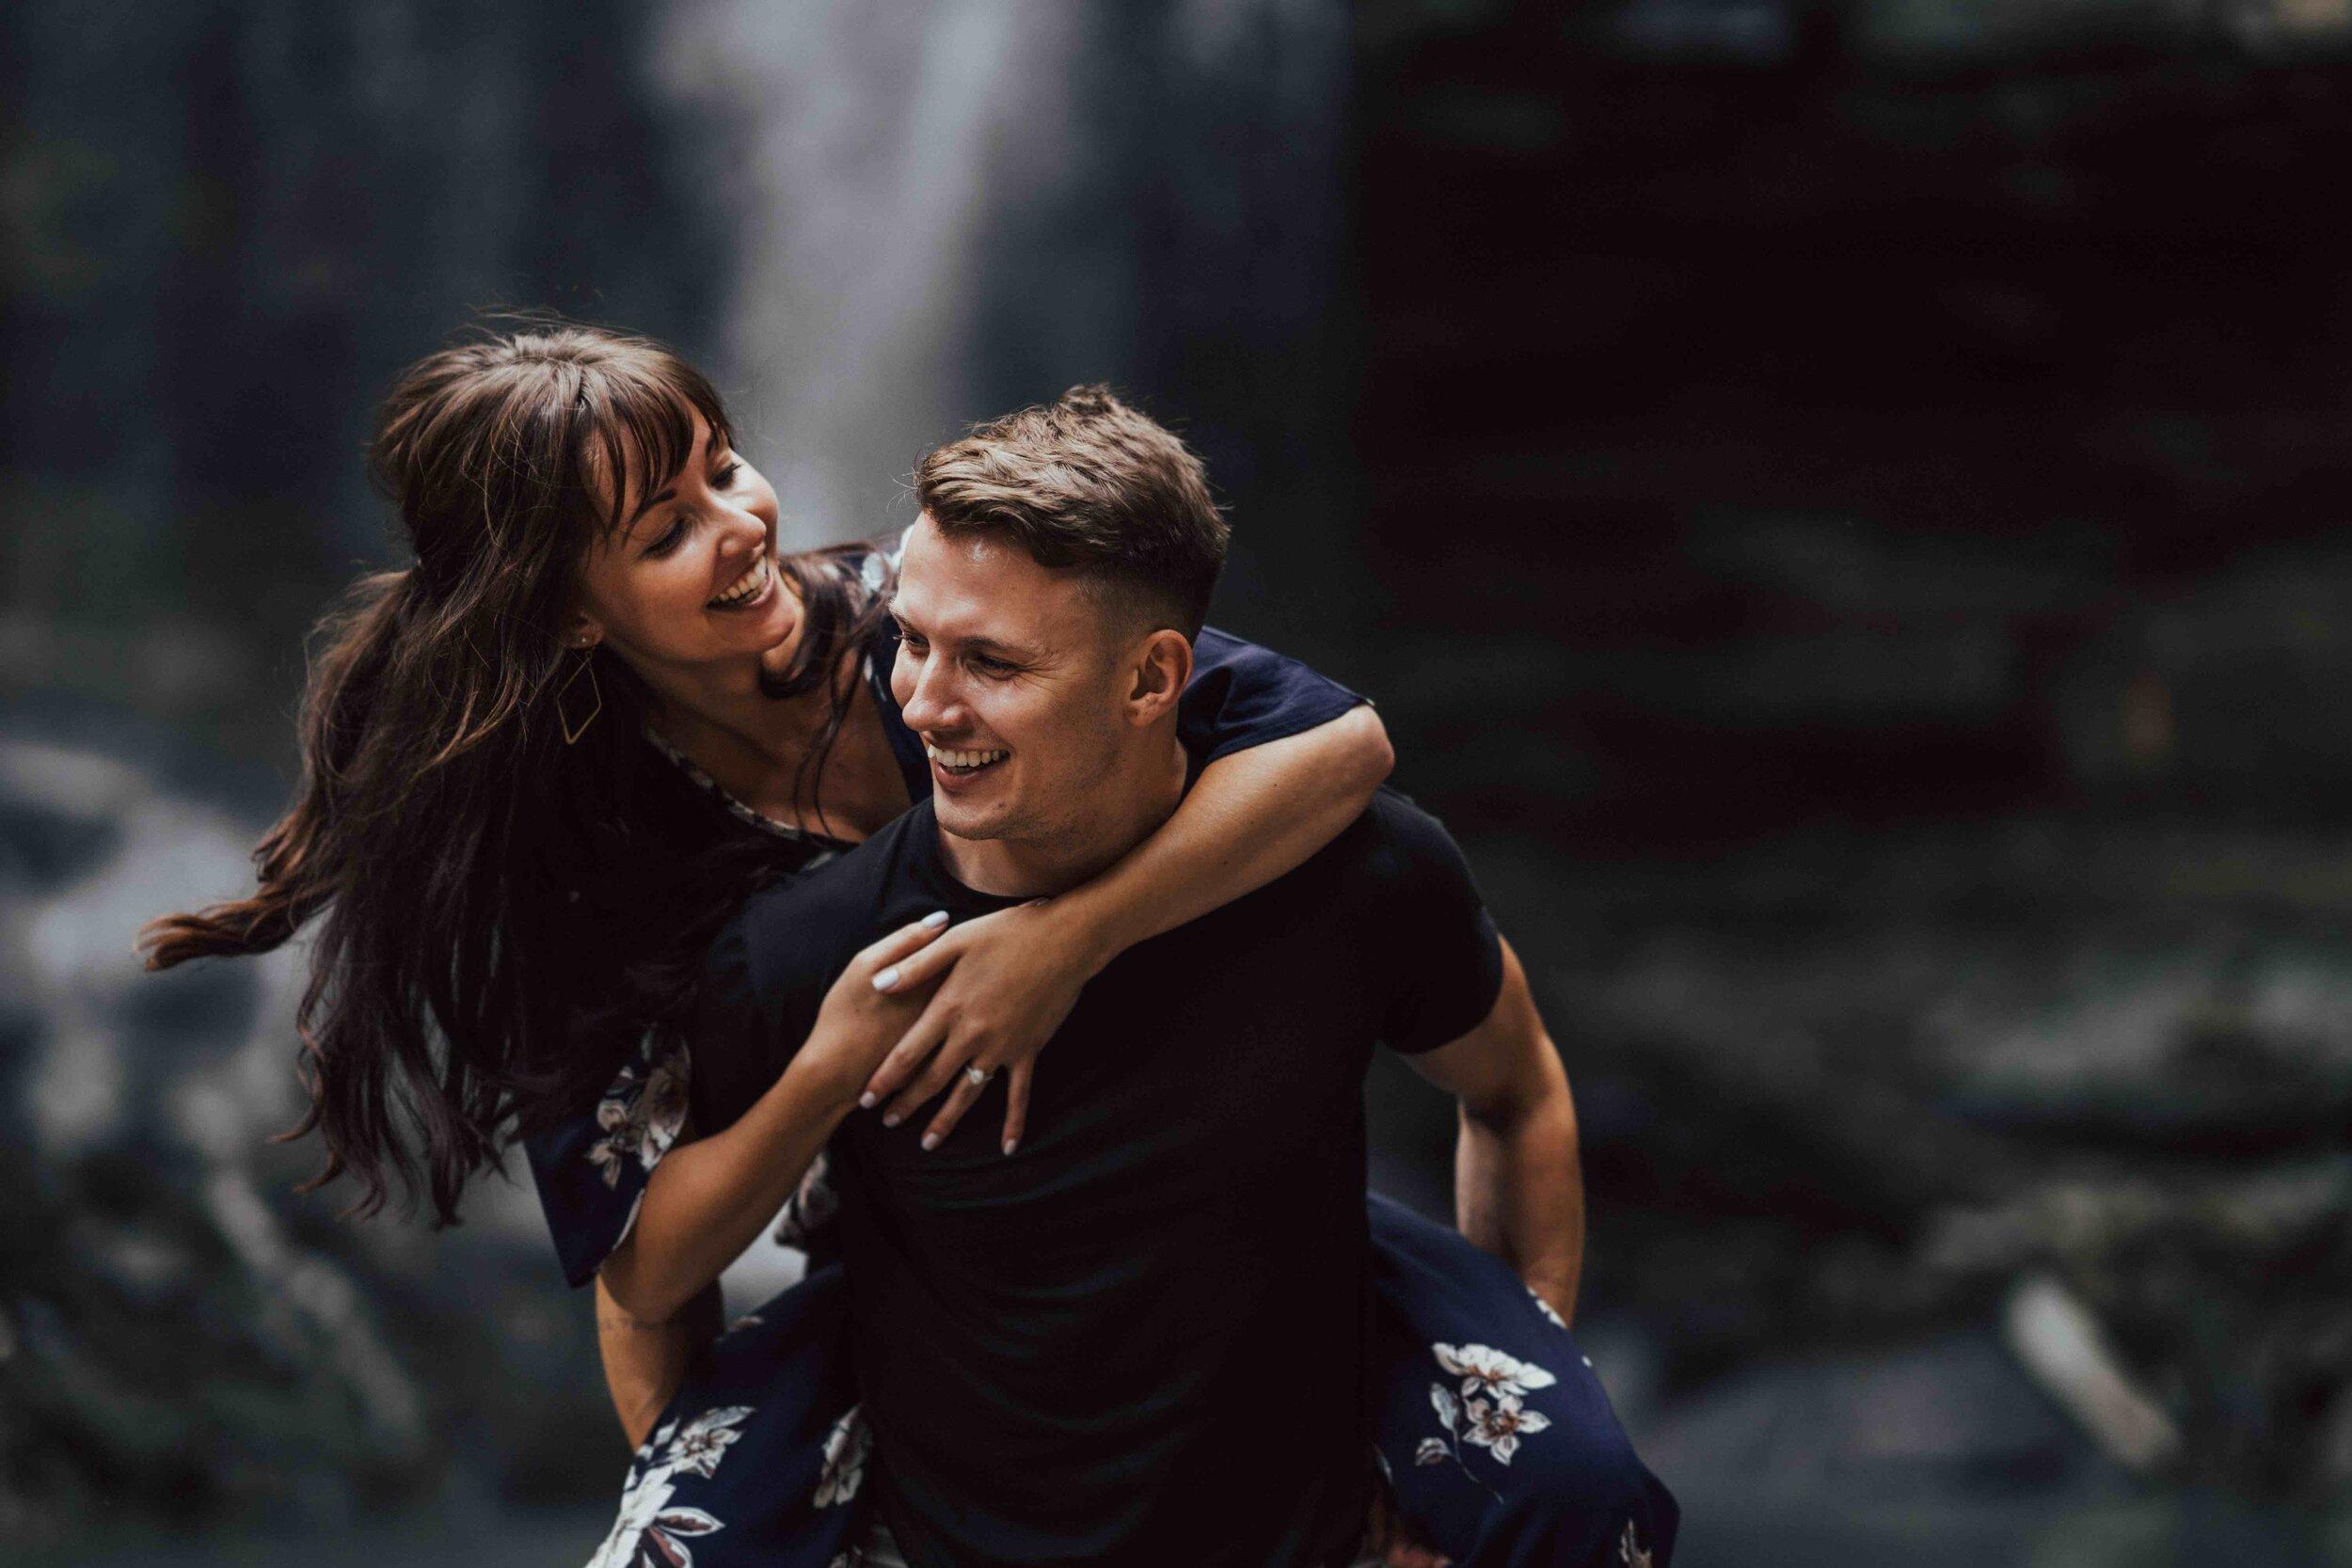 Surprise Proposal At Waterfall